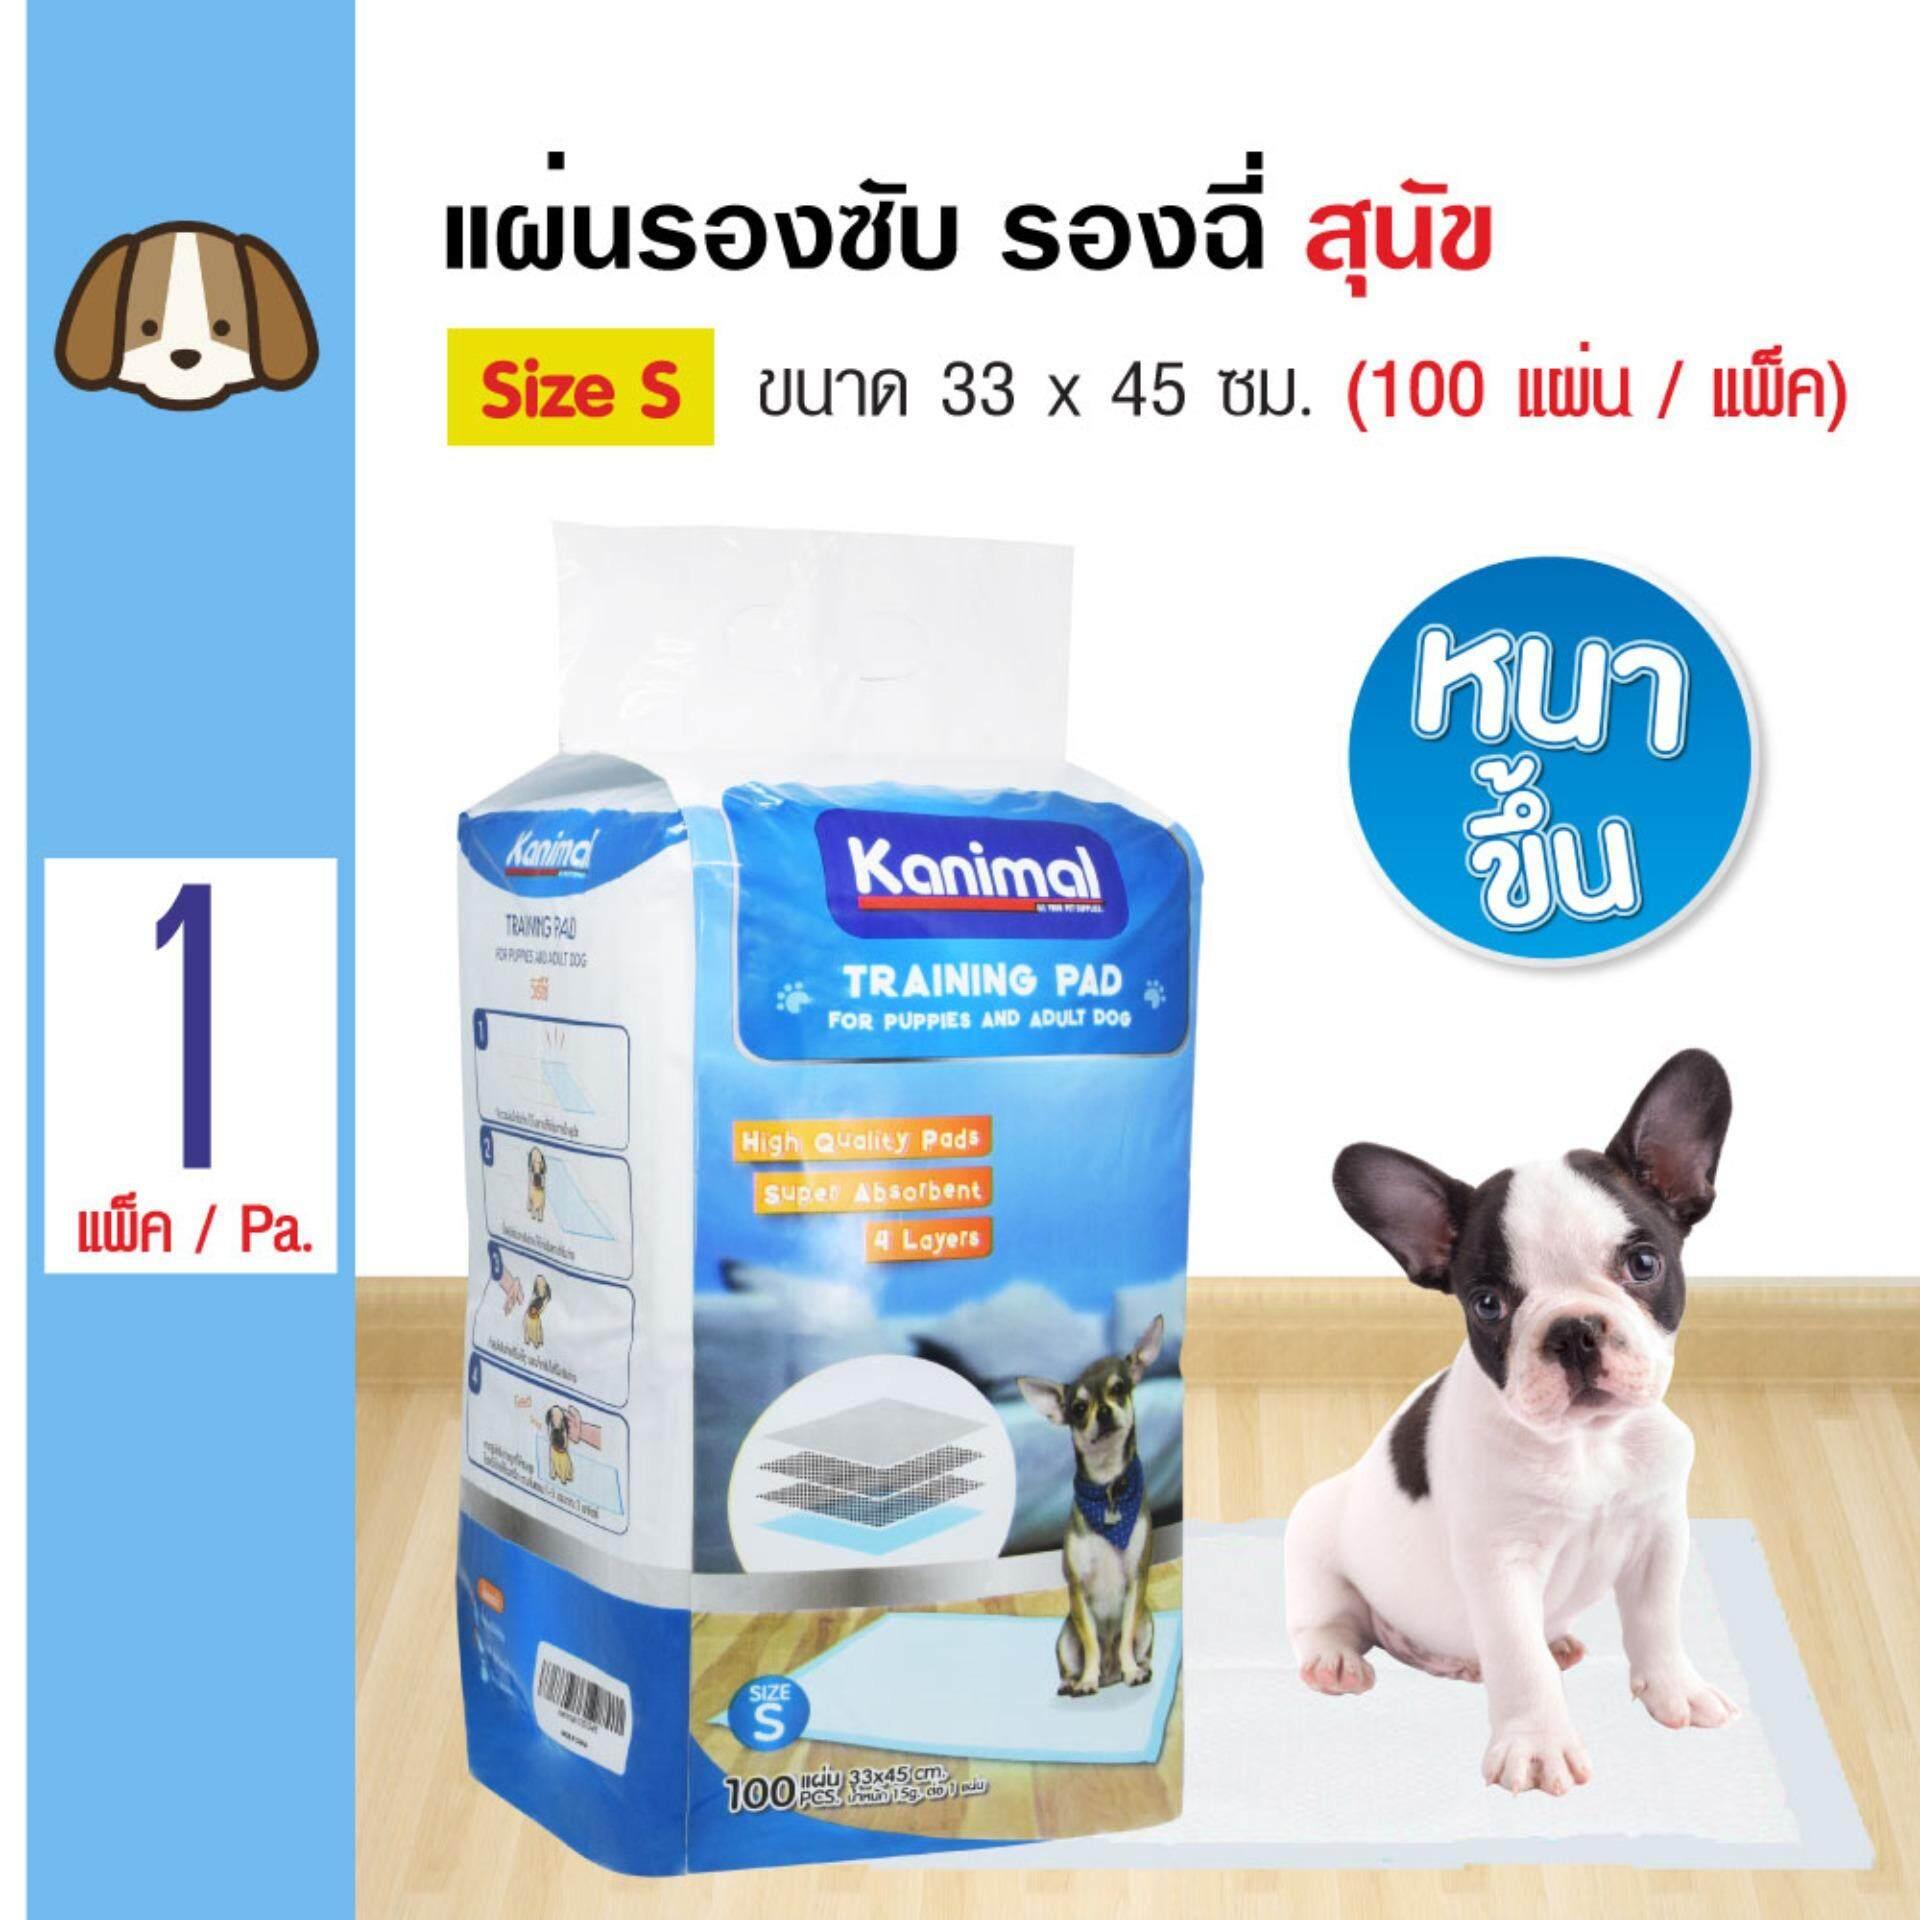 Kanimal Pad แผ่นรองซับสัตว์เลี้ยง แผ่นรองฉี่สุนัข แผ่นอนามัยสัตว์เลี้ยง สำหรับสุนัข Size S ขนาด 33x45 ซม. (100 แผ่น/ แพ็ค) By Kpet.